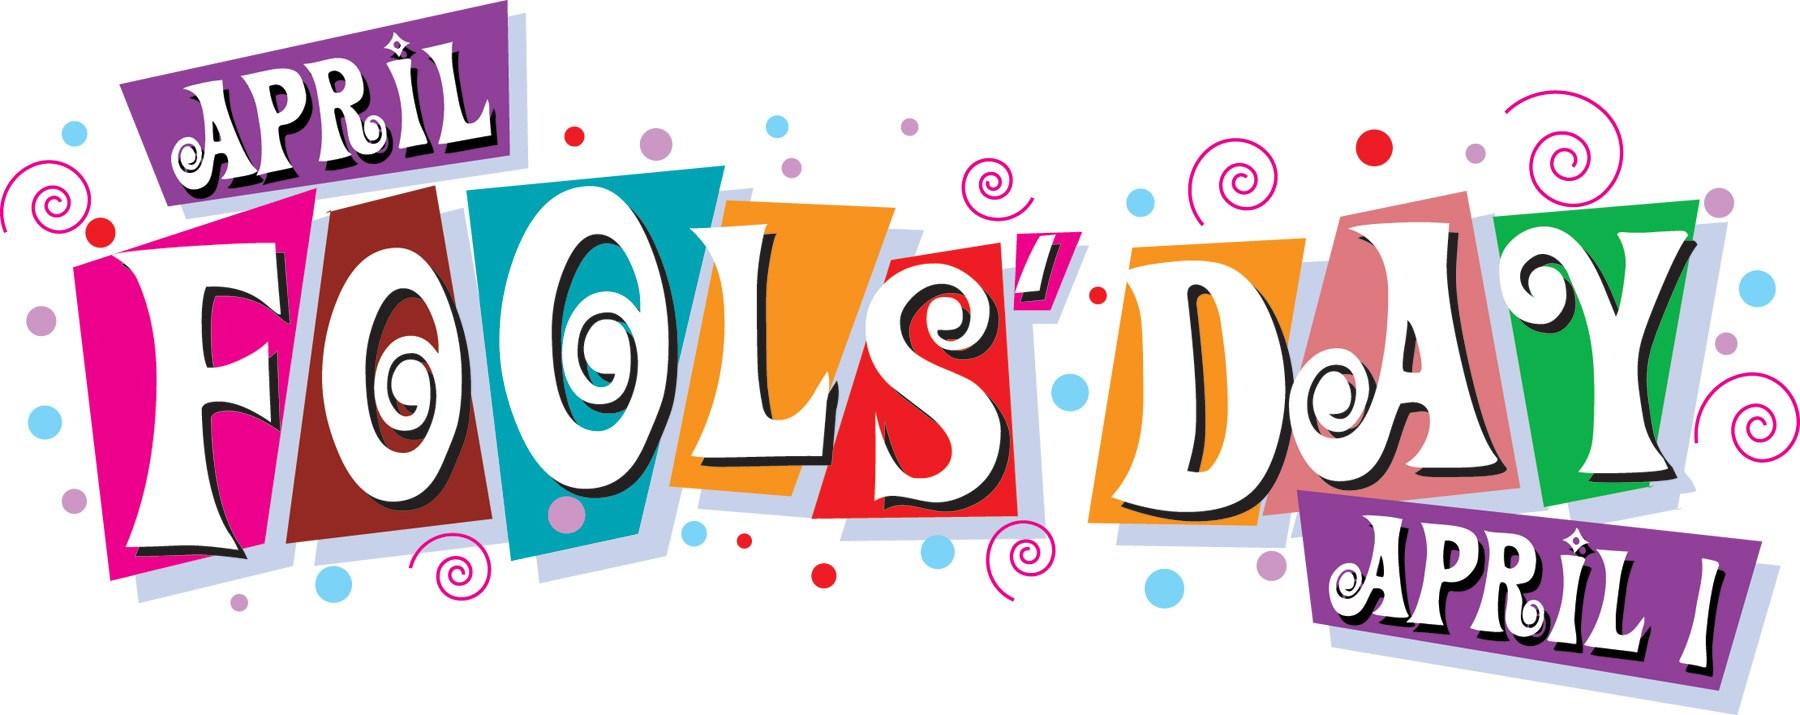 Free april fools day clipart 5 » Clipart Portal.